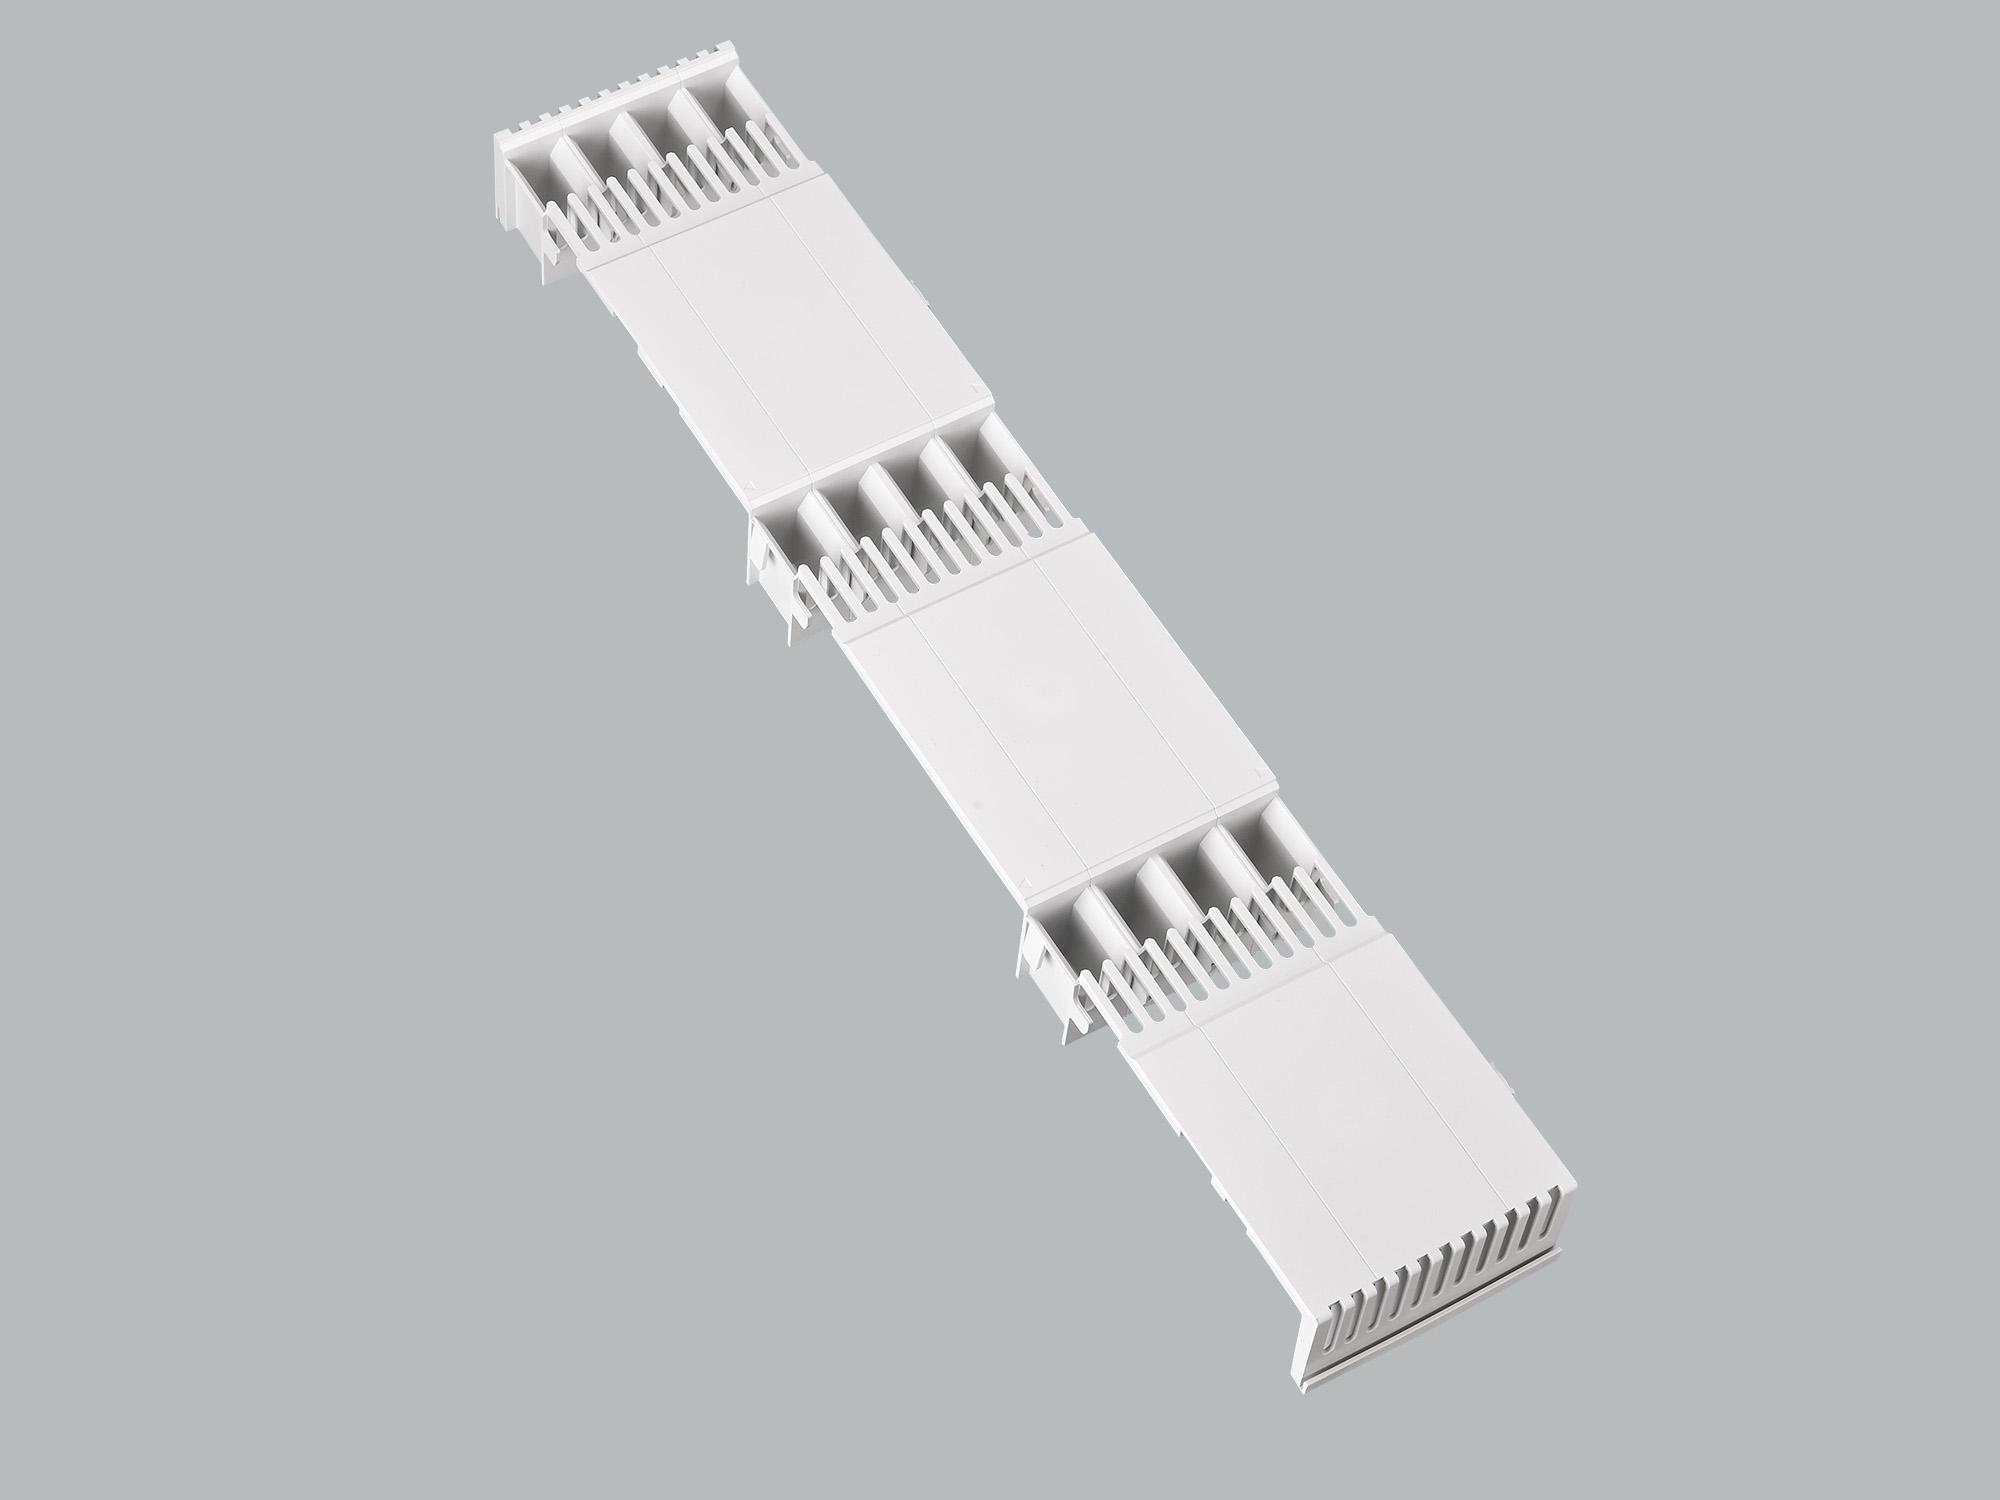 1 Stk Berührungsschutzmodul 185mm Breite 100mm SI014340--